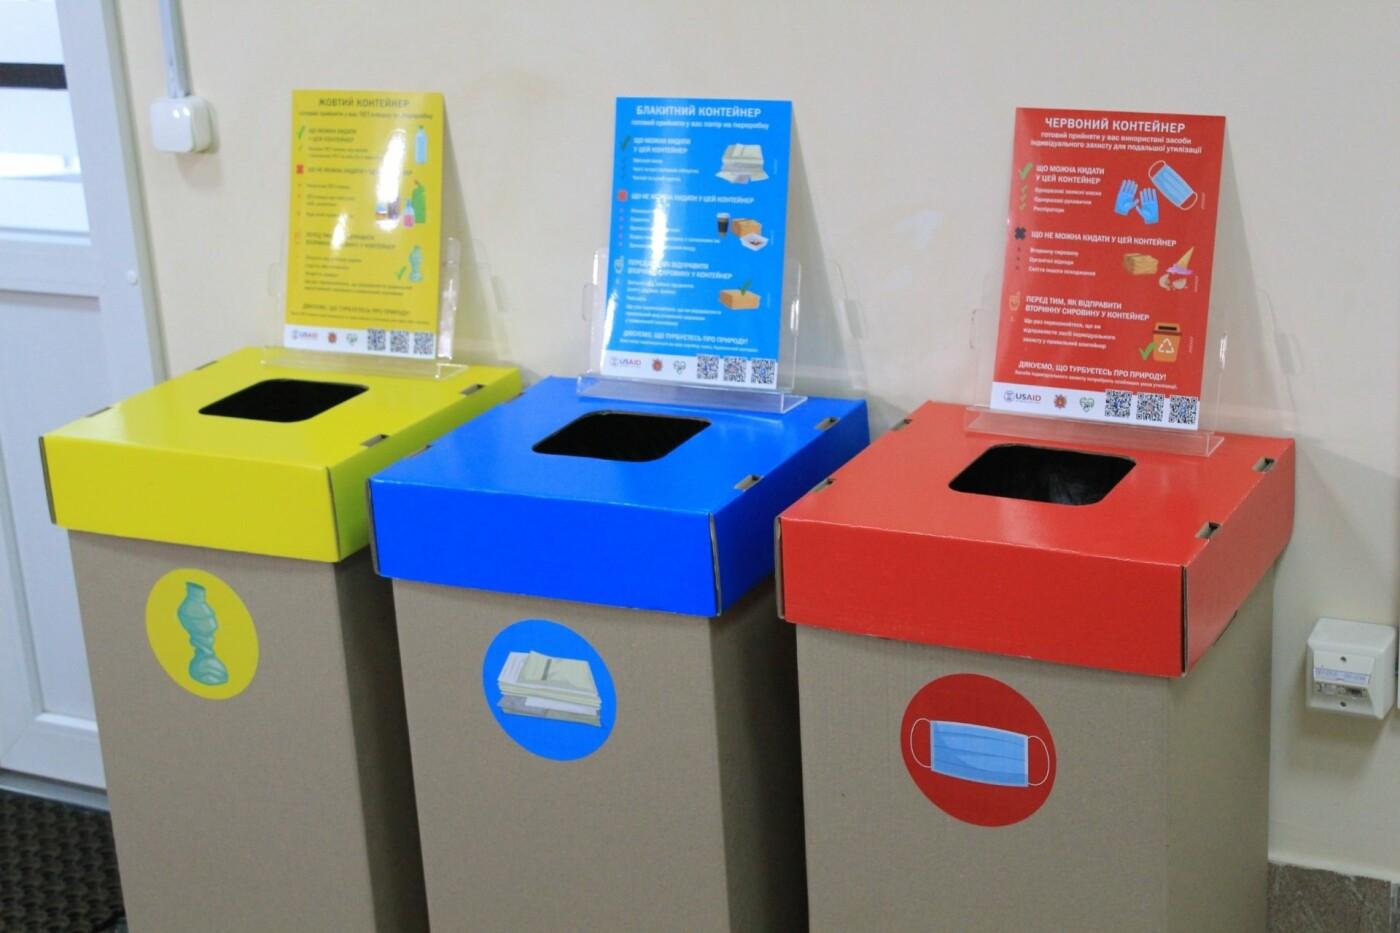 В Запорожье в Центрах предоставления админуслуг появились контейнеры для раздельного сбора мусора, - ФОТО, фото-1